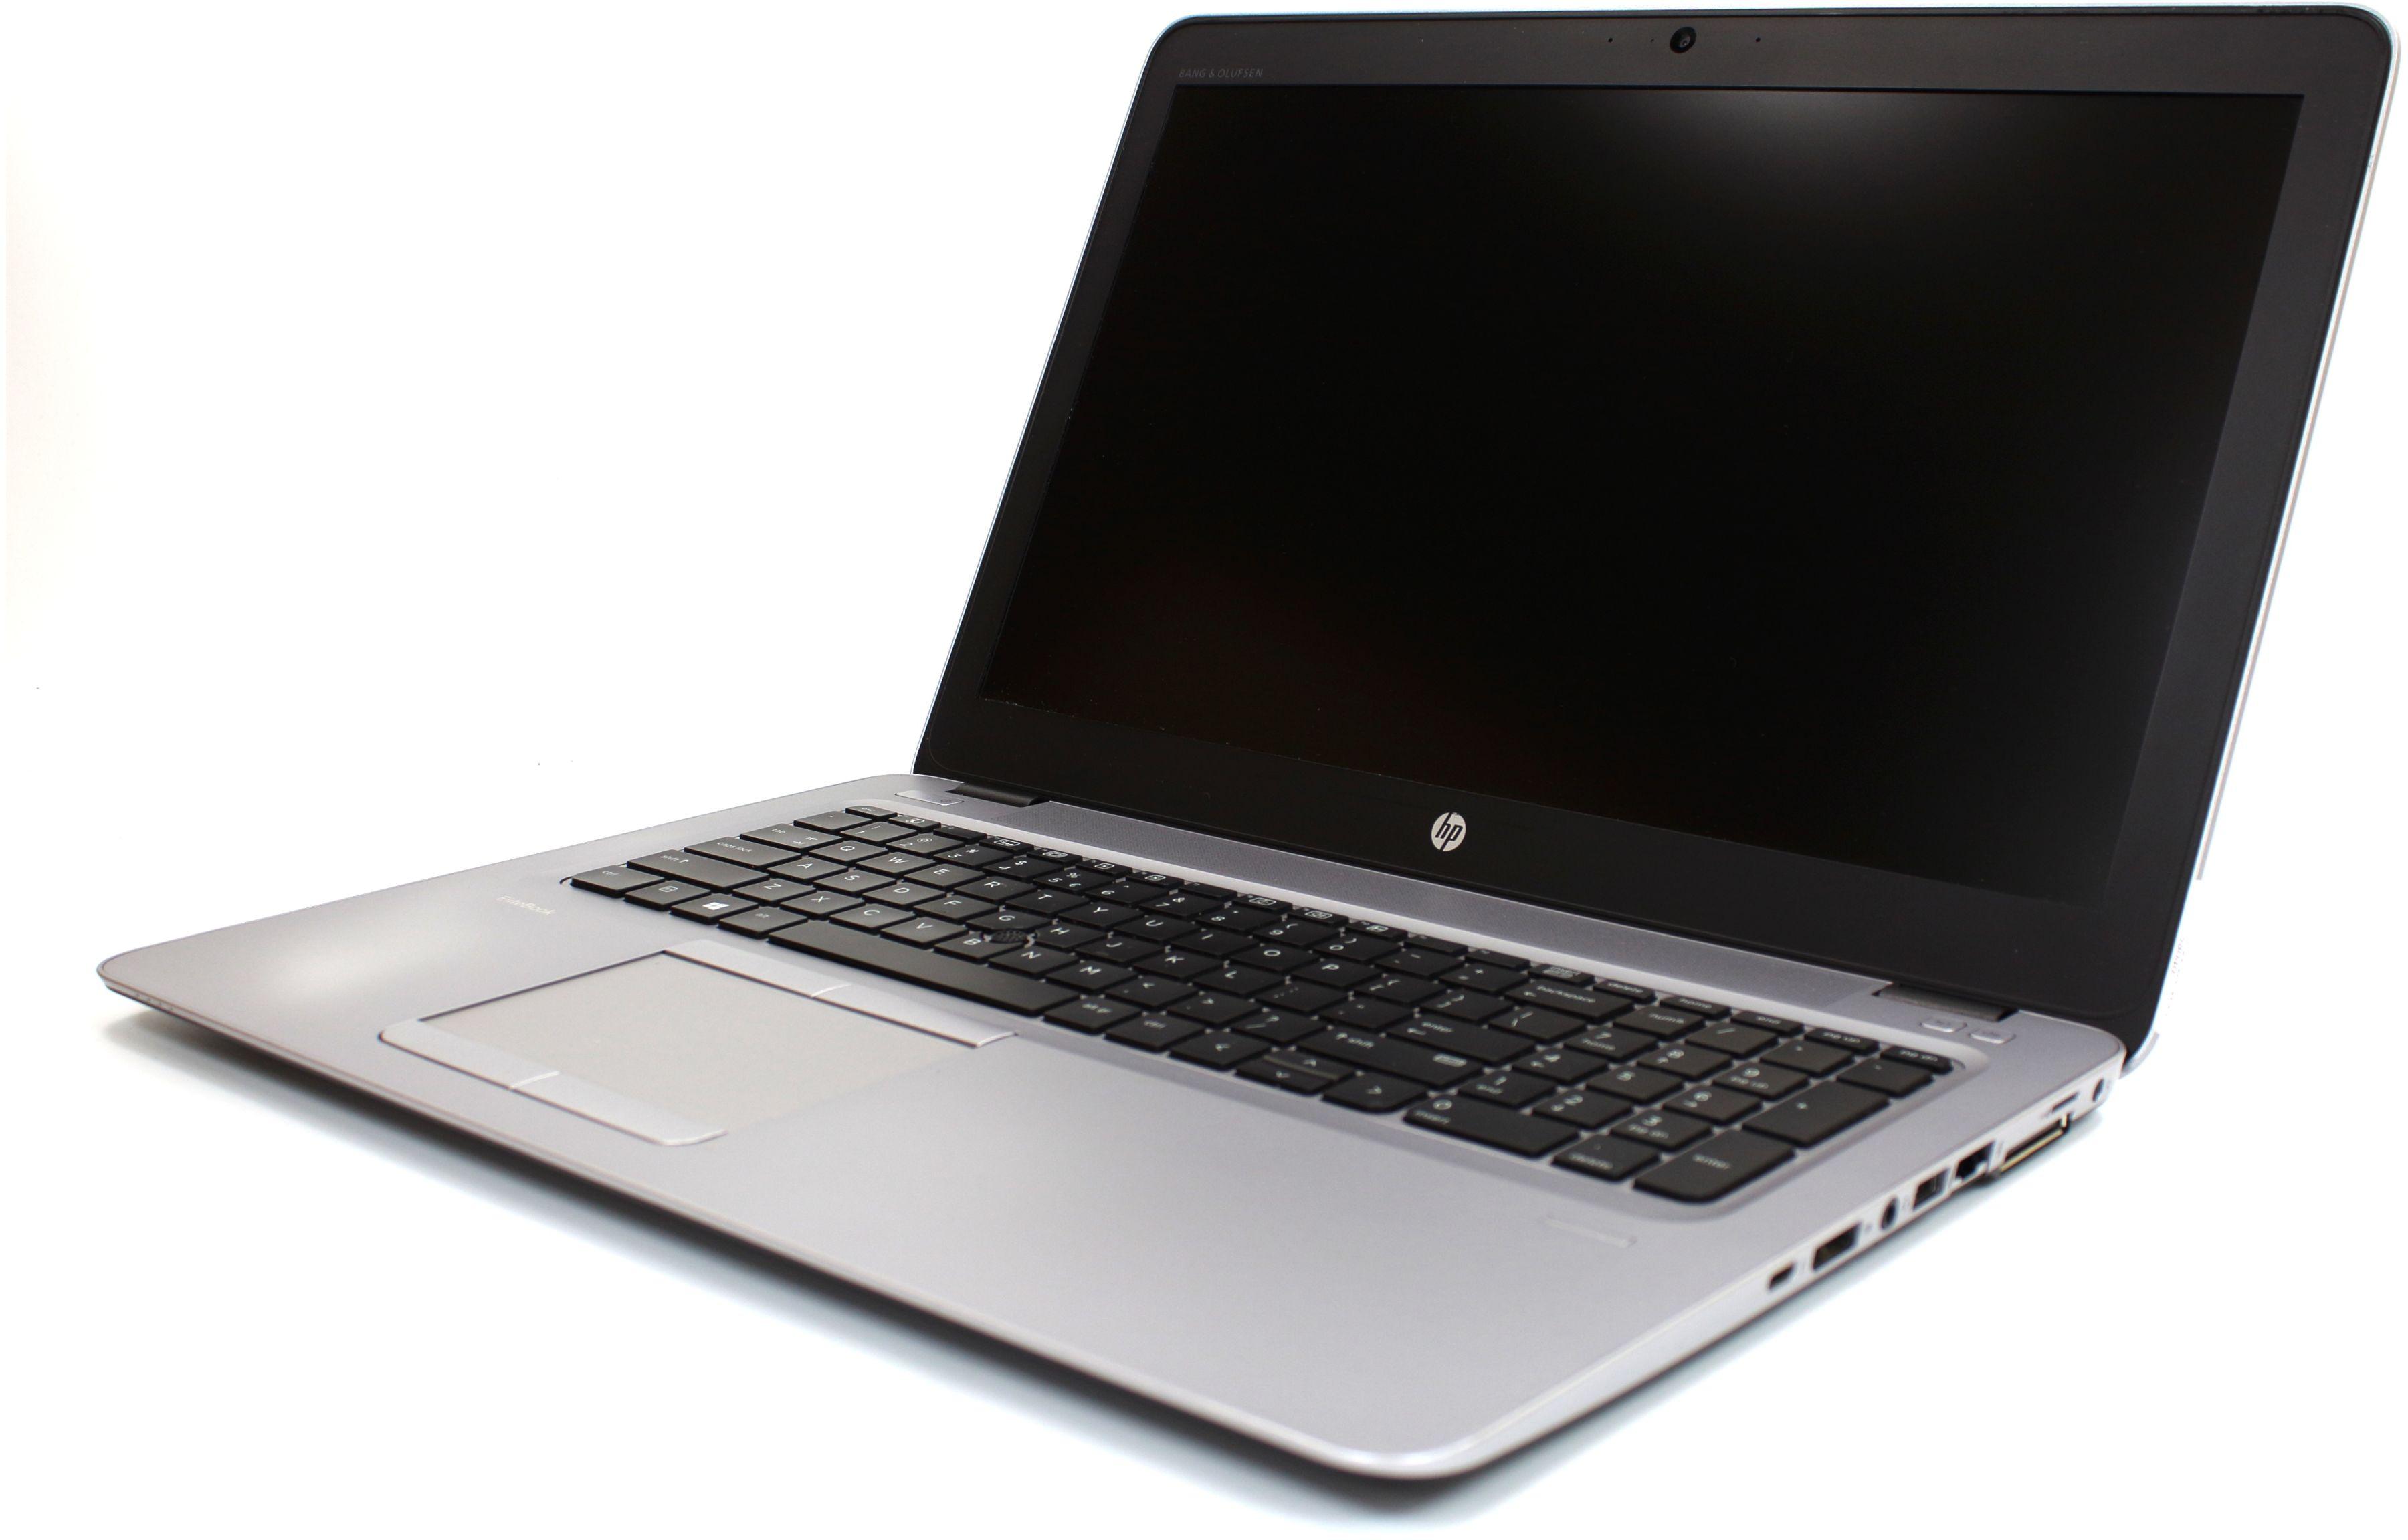 """Laptop HP EliteBook 850 G4 15.6"""" FHD IPS i5-7300U 8GB 256GB SSD Kamera Windows 7/8/10 Pro"""